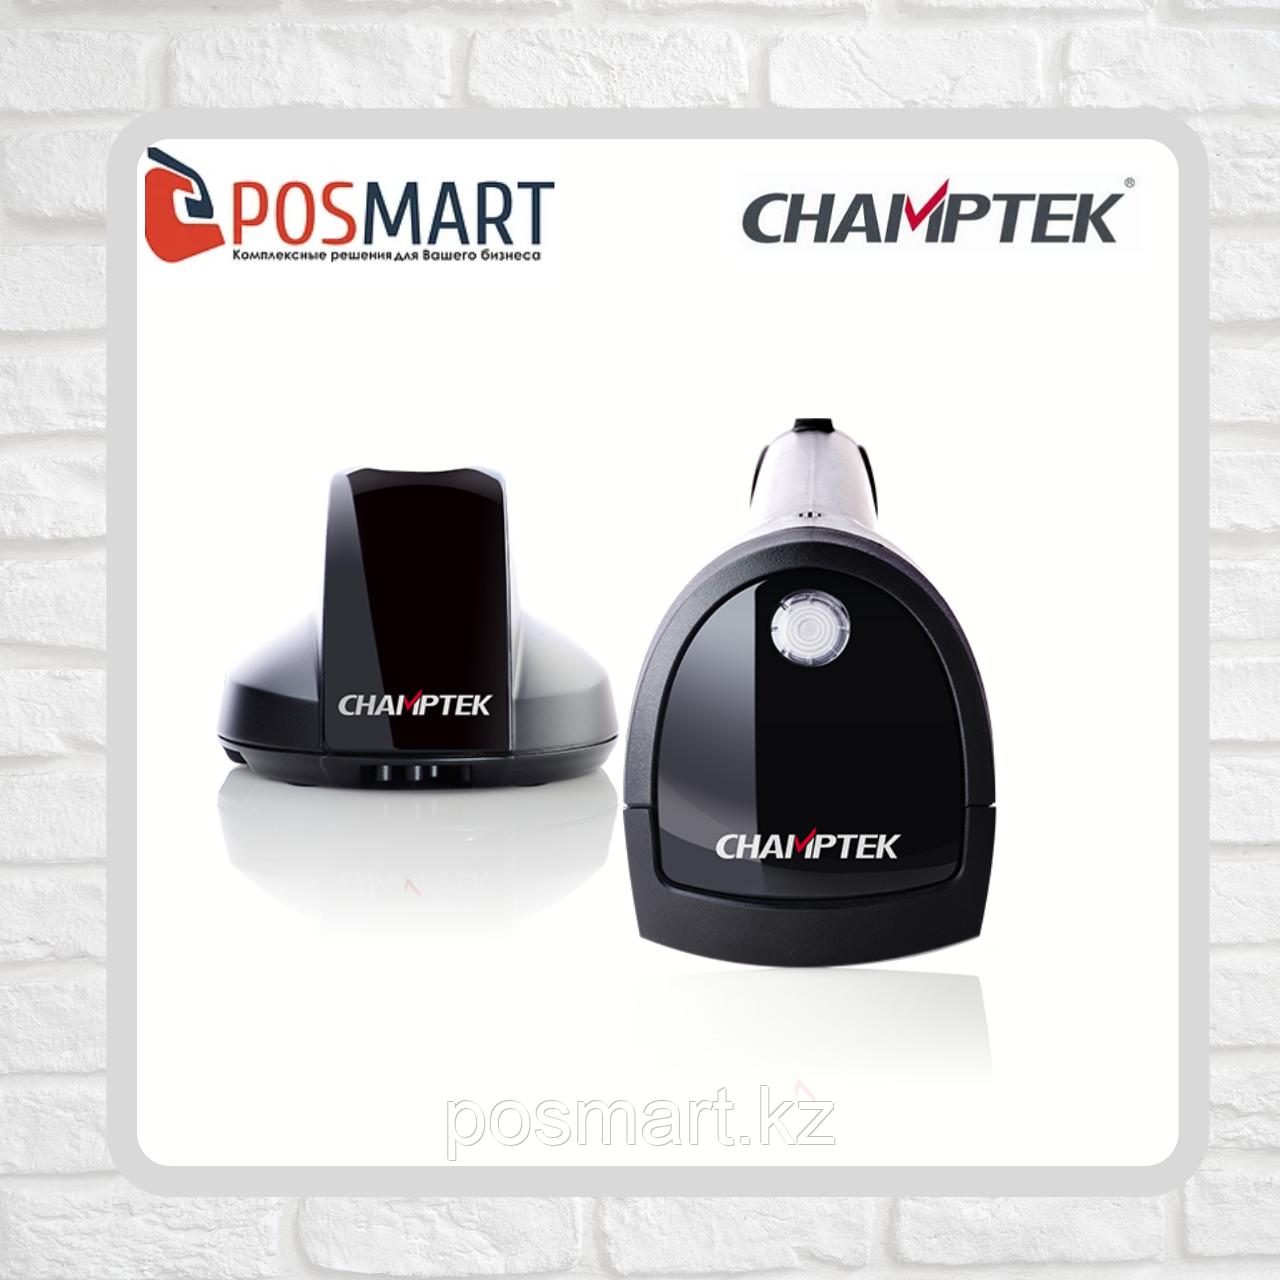 Безпроводной сканер штрих кода Champtek SG600BT